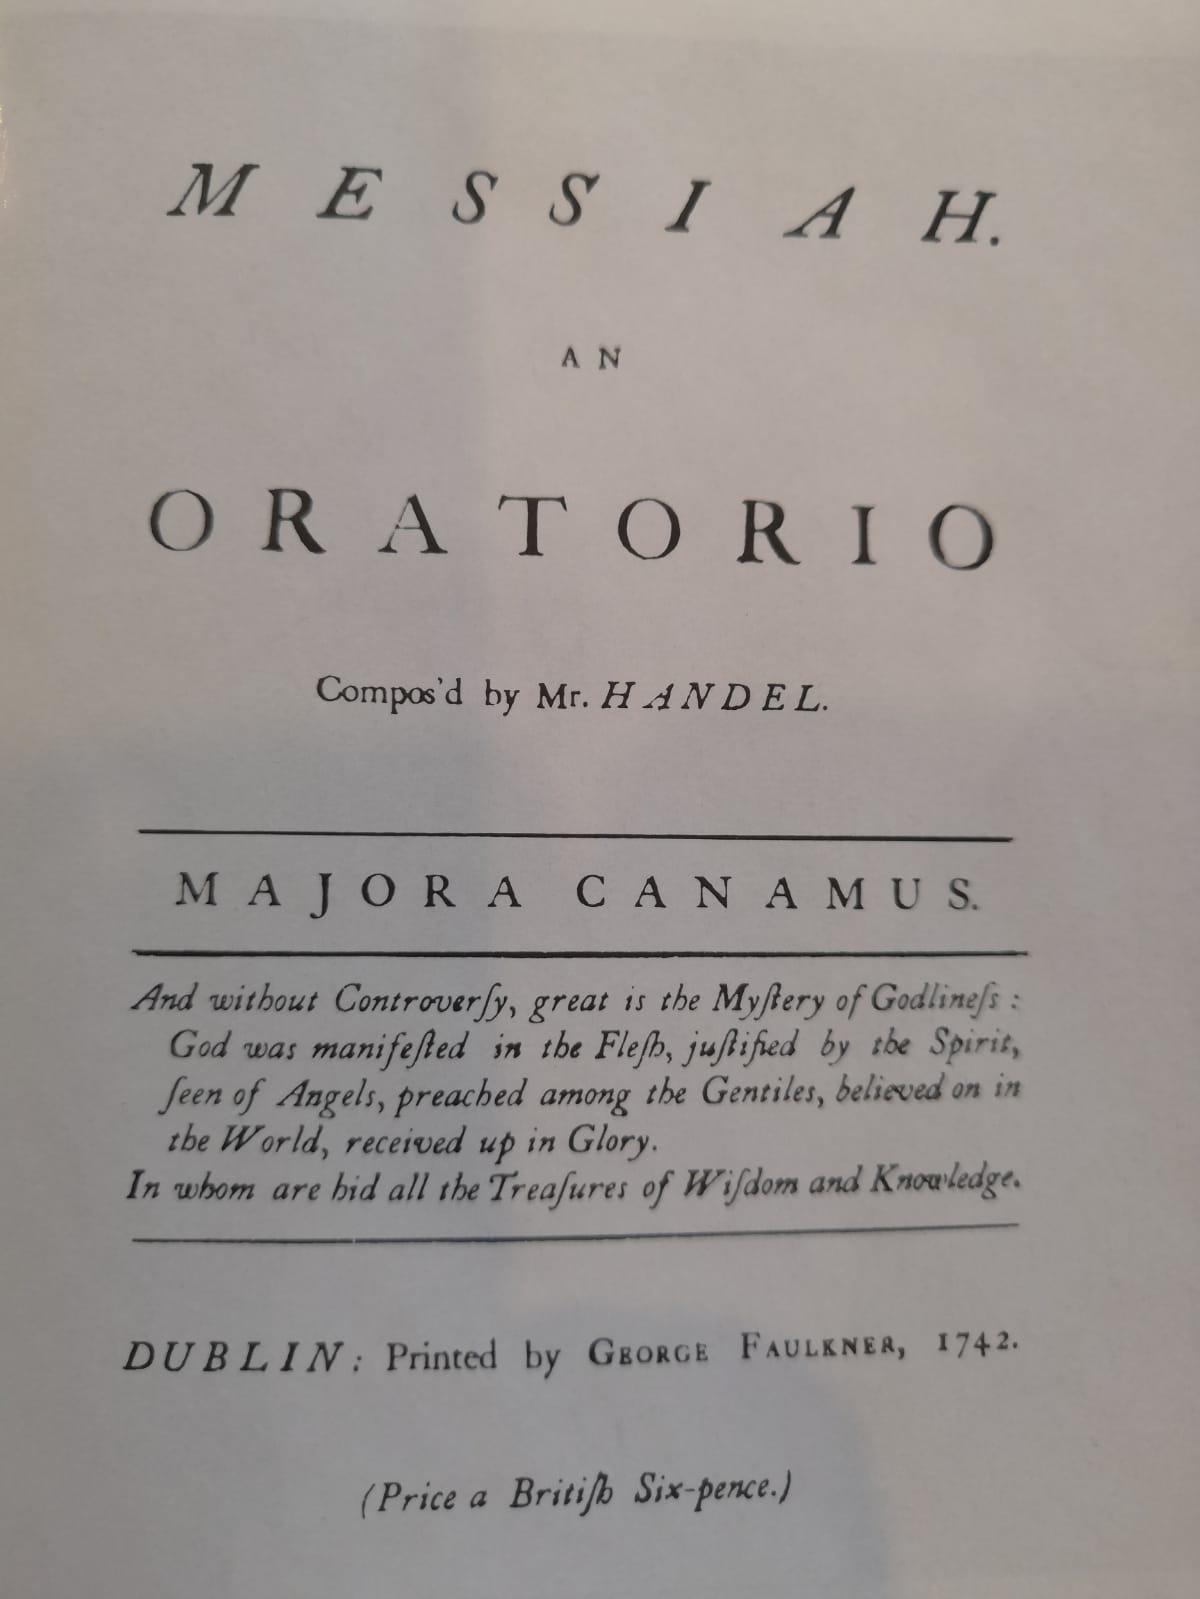 Титульный лист партитуры стоимостью 6 британских пенсов, изданной в 1742 году в Дублине к премьерному показу